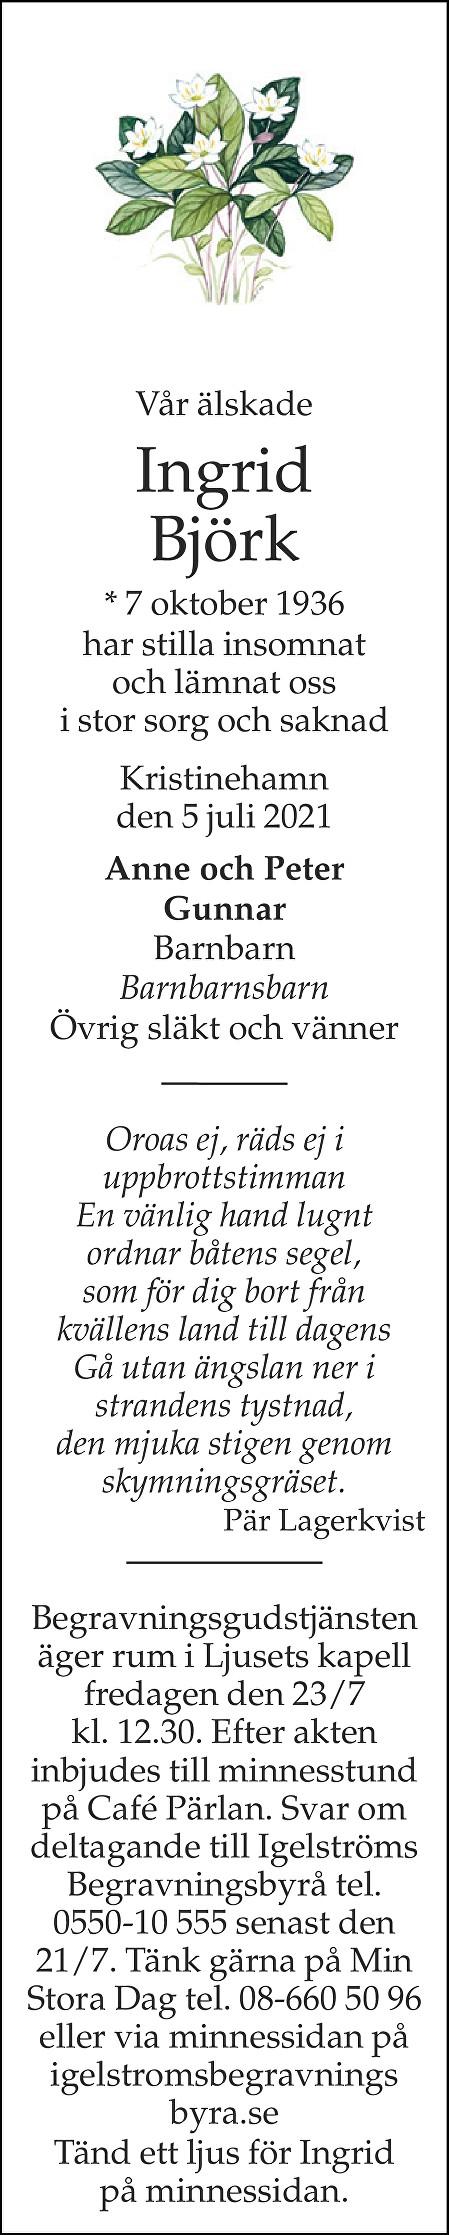 Ingrid Björk Death notice